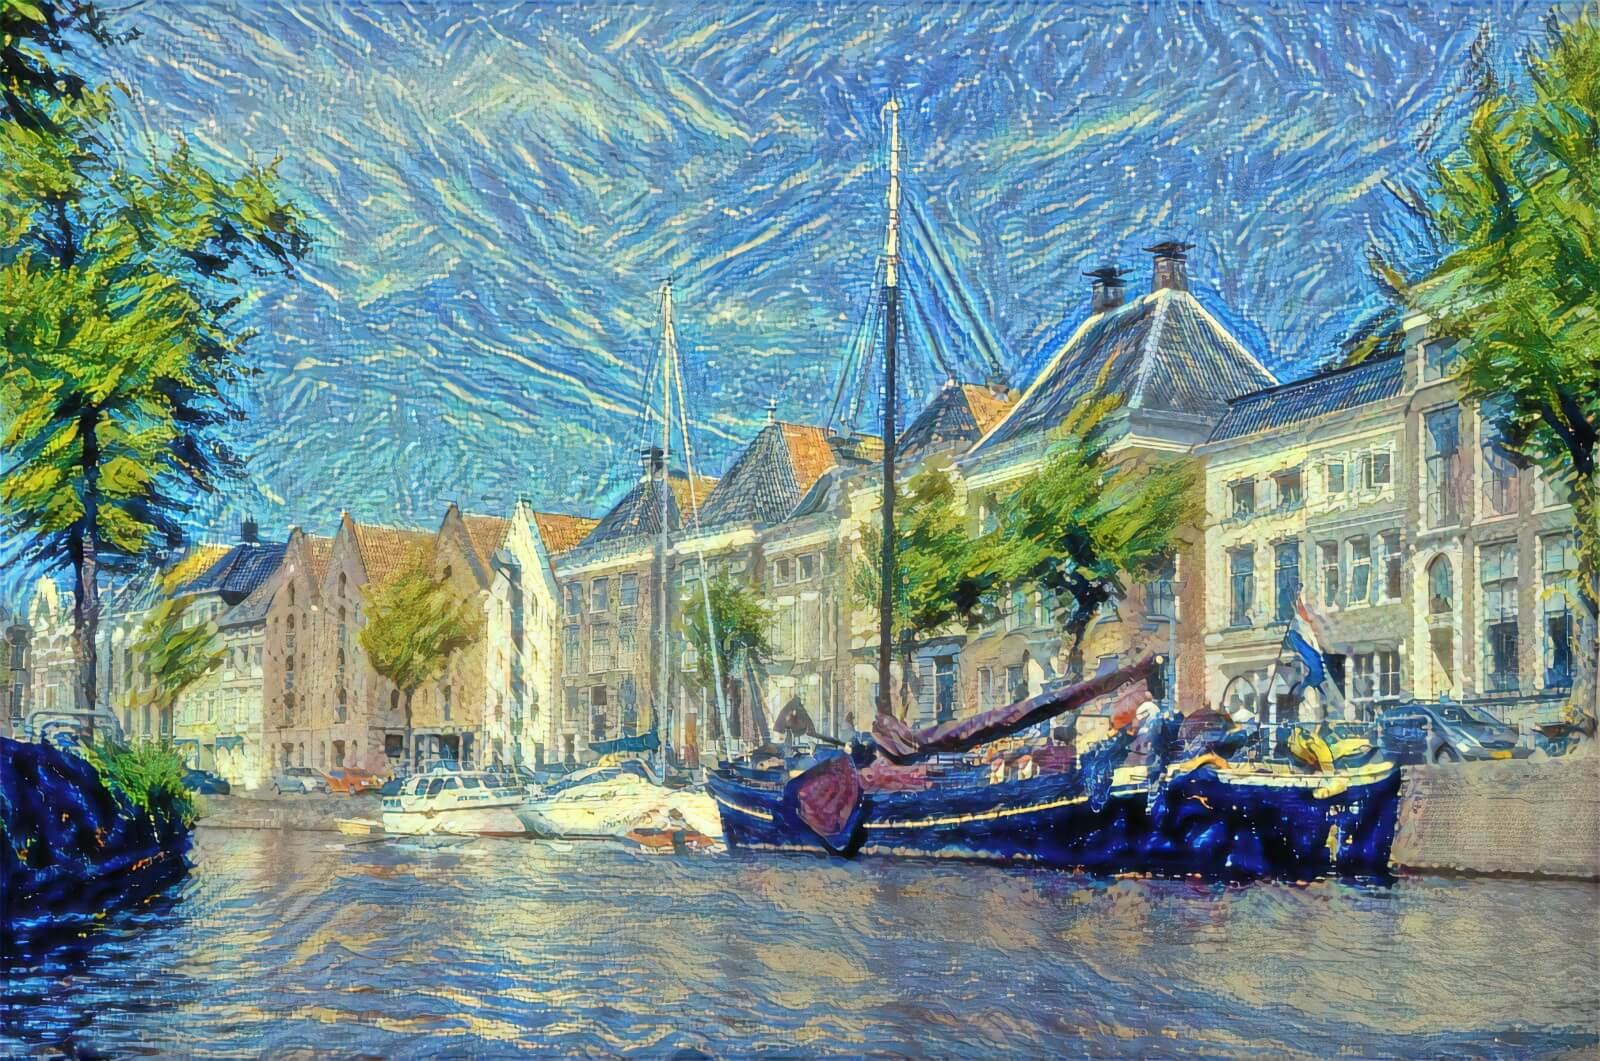 Hoge der Aa vanaf water in de stijl van Van Gogh